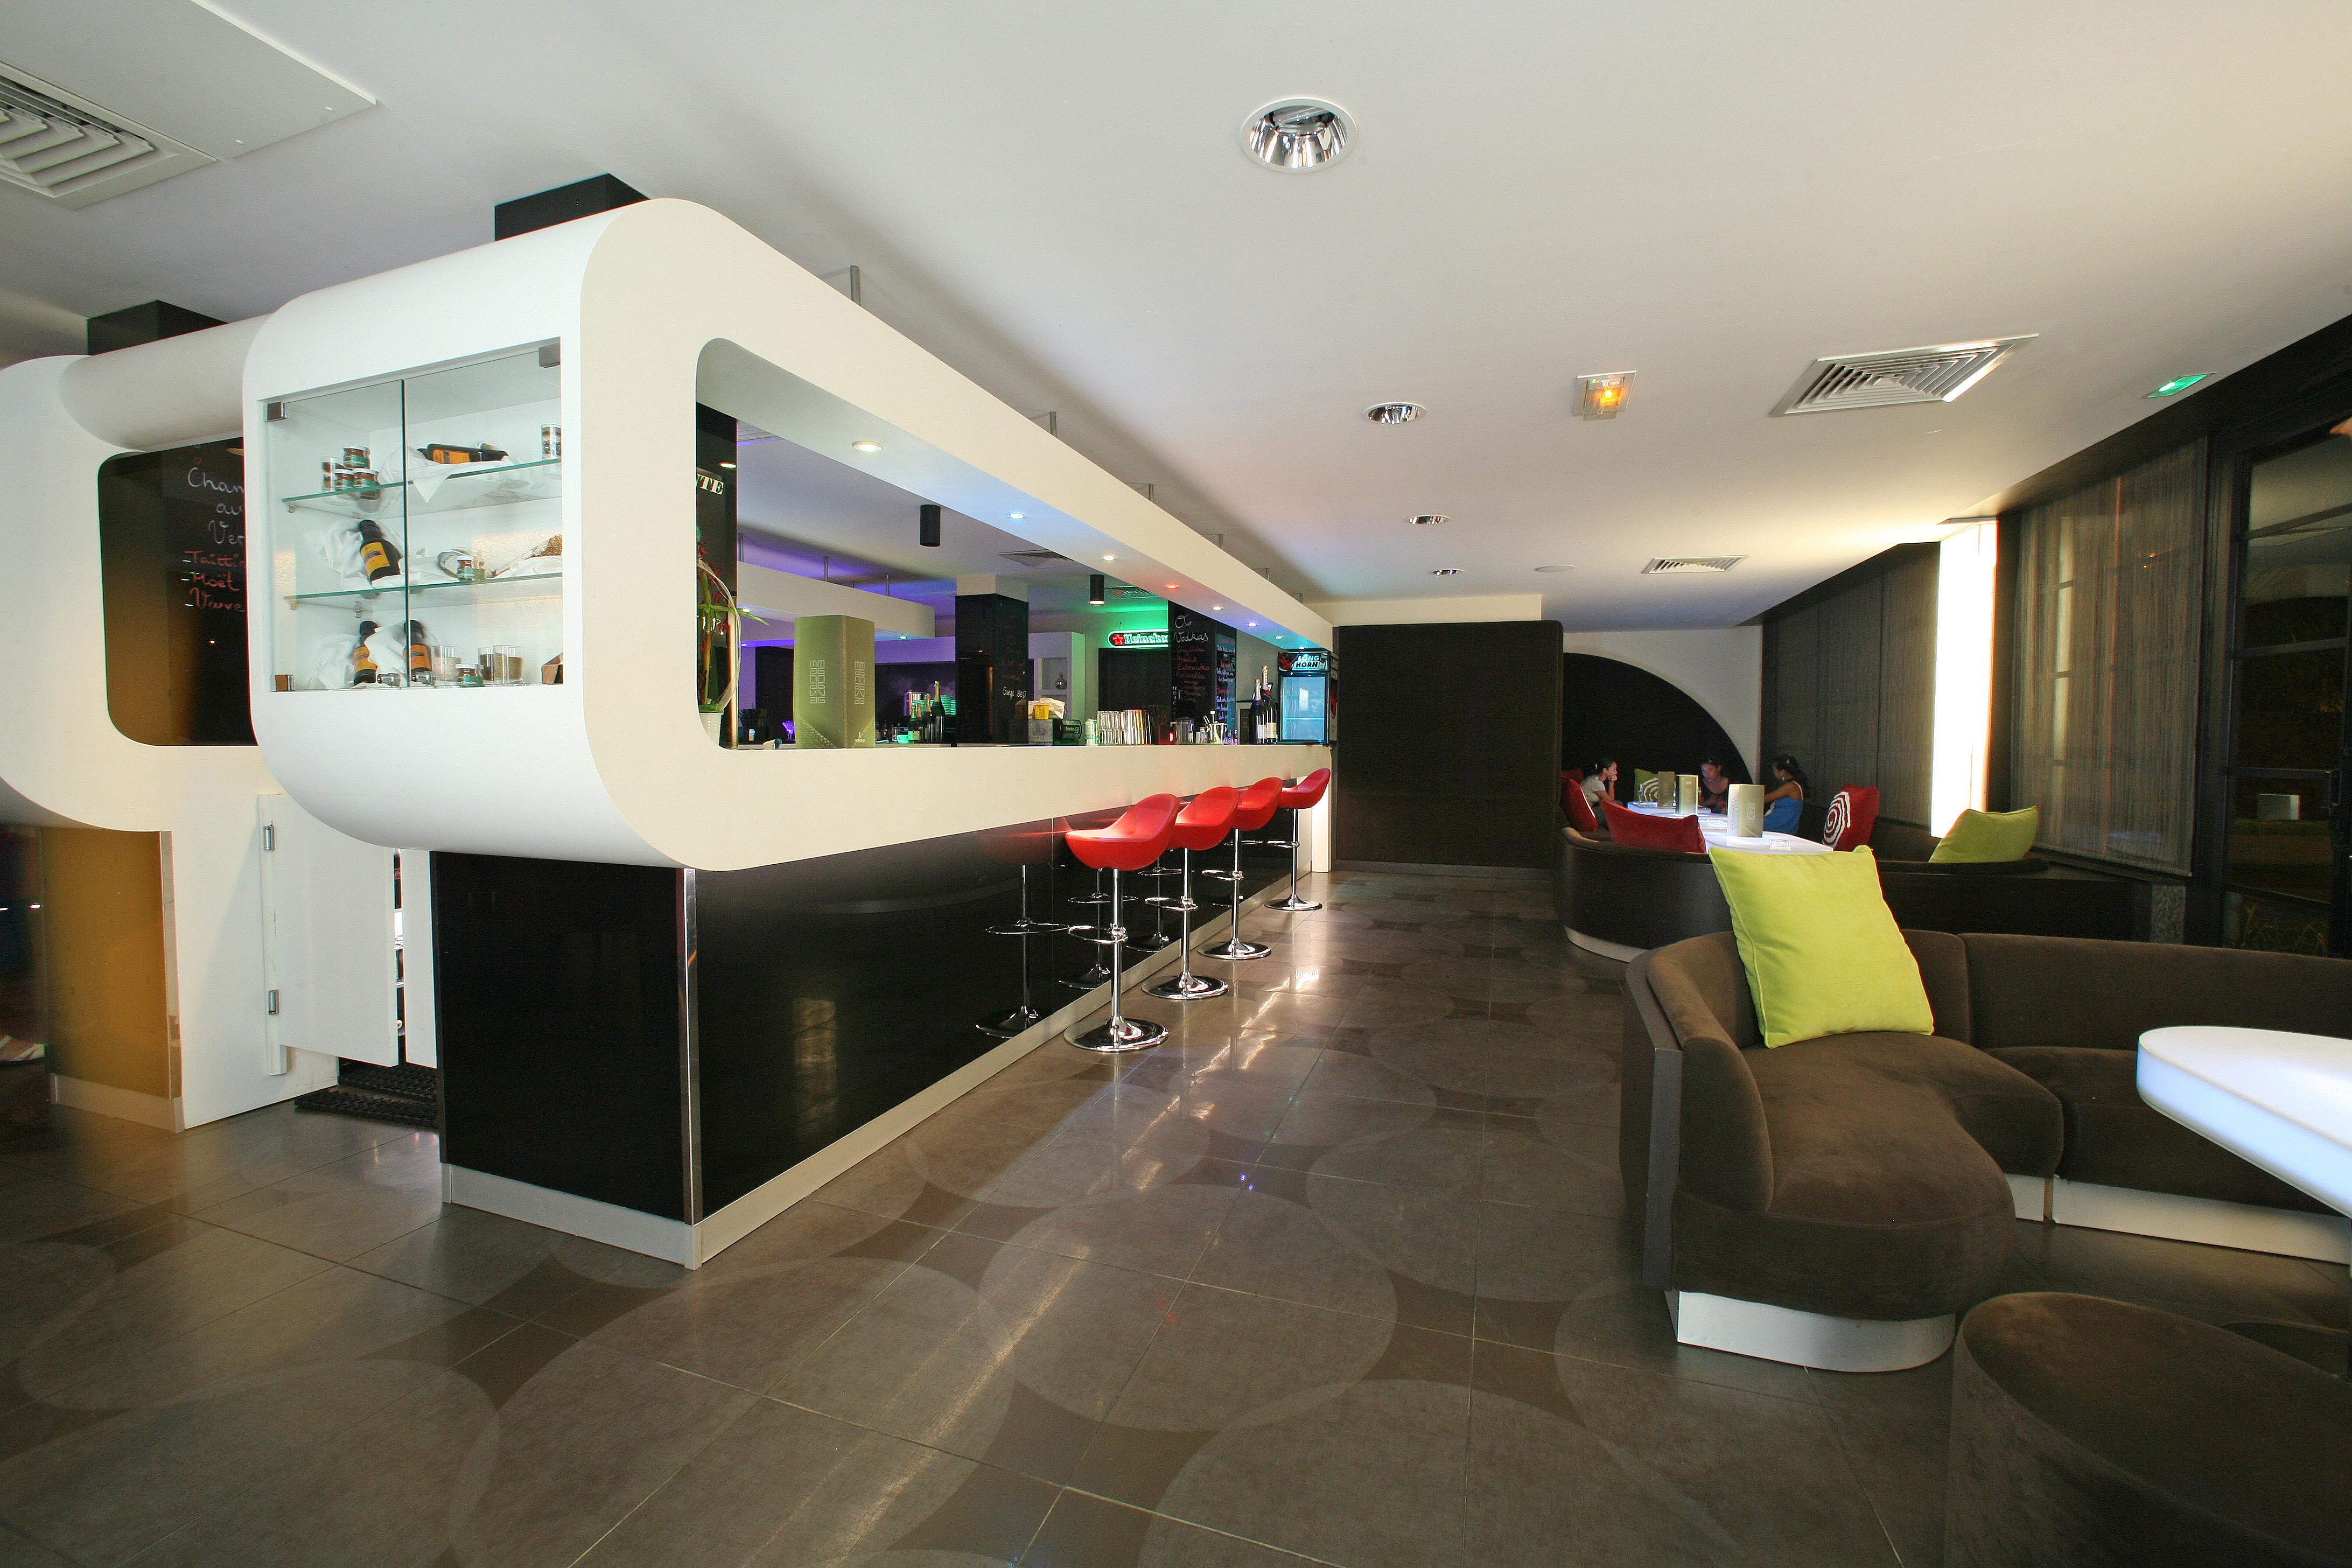 https://tahititourisme.es/wp-content/uploads/2018/03/RESTAURATION-Punavai-Lounge-Bar-1.jpg